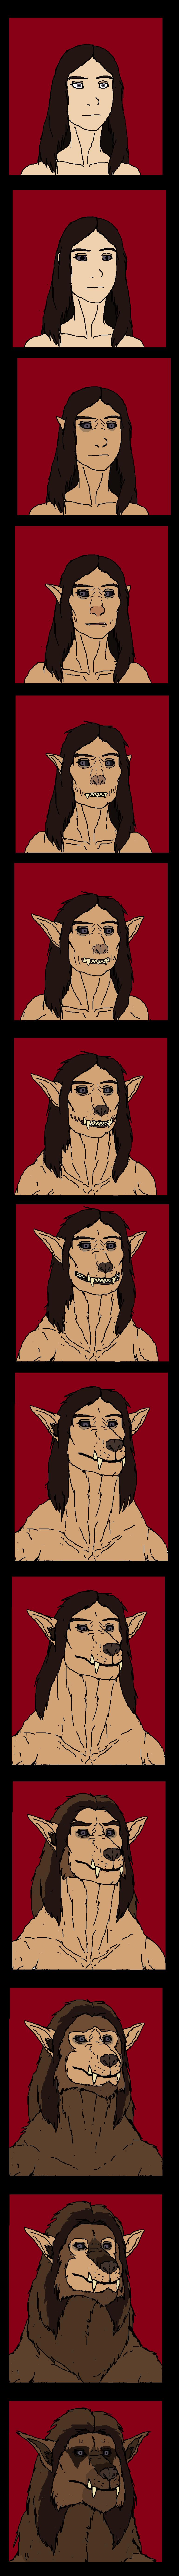 Marie's werewolf transformation by Redspets